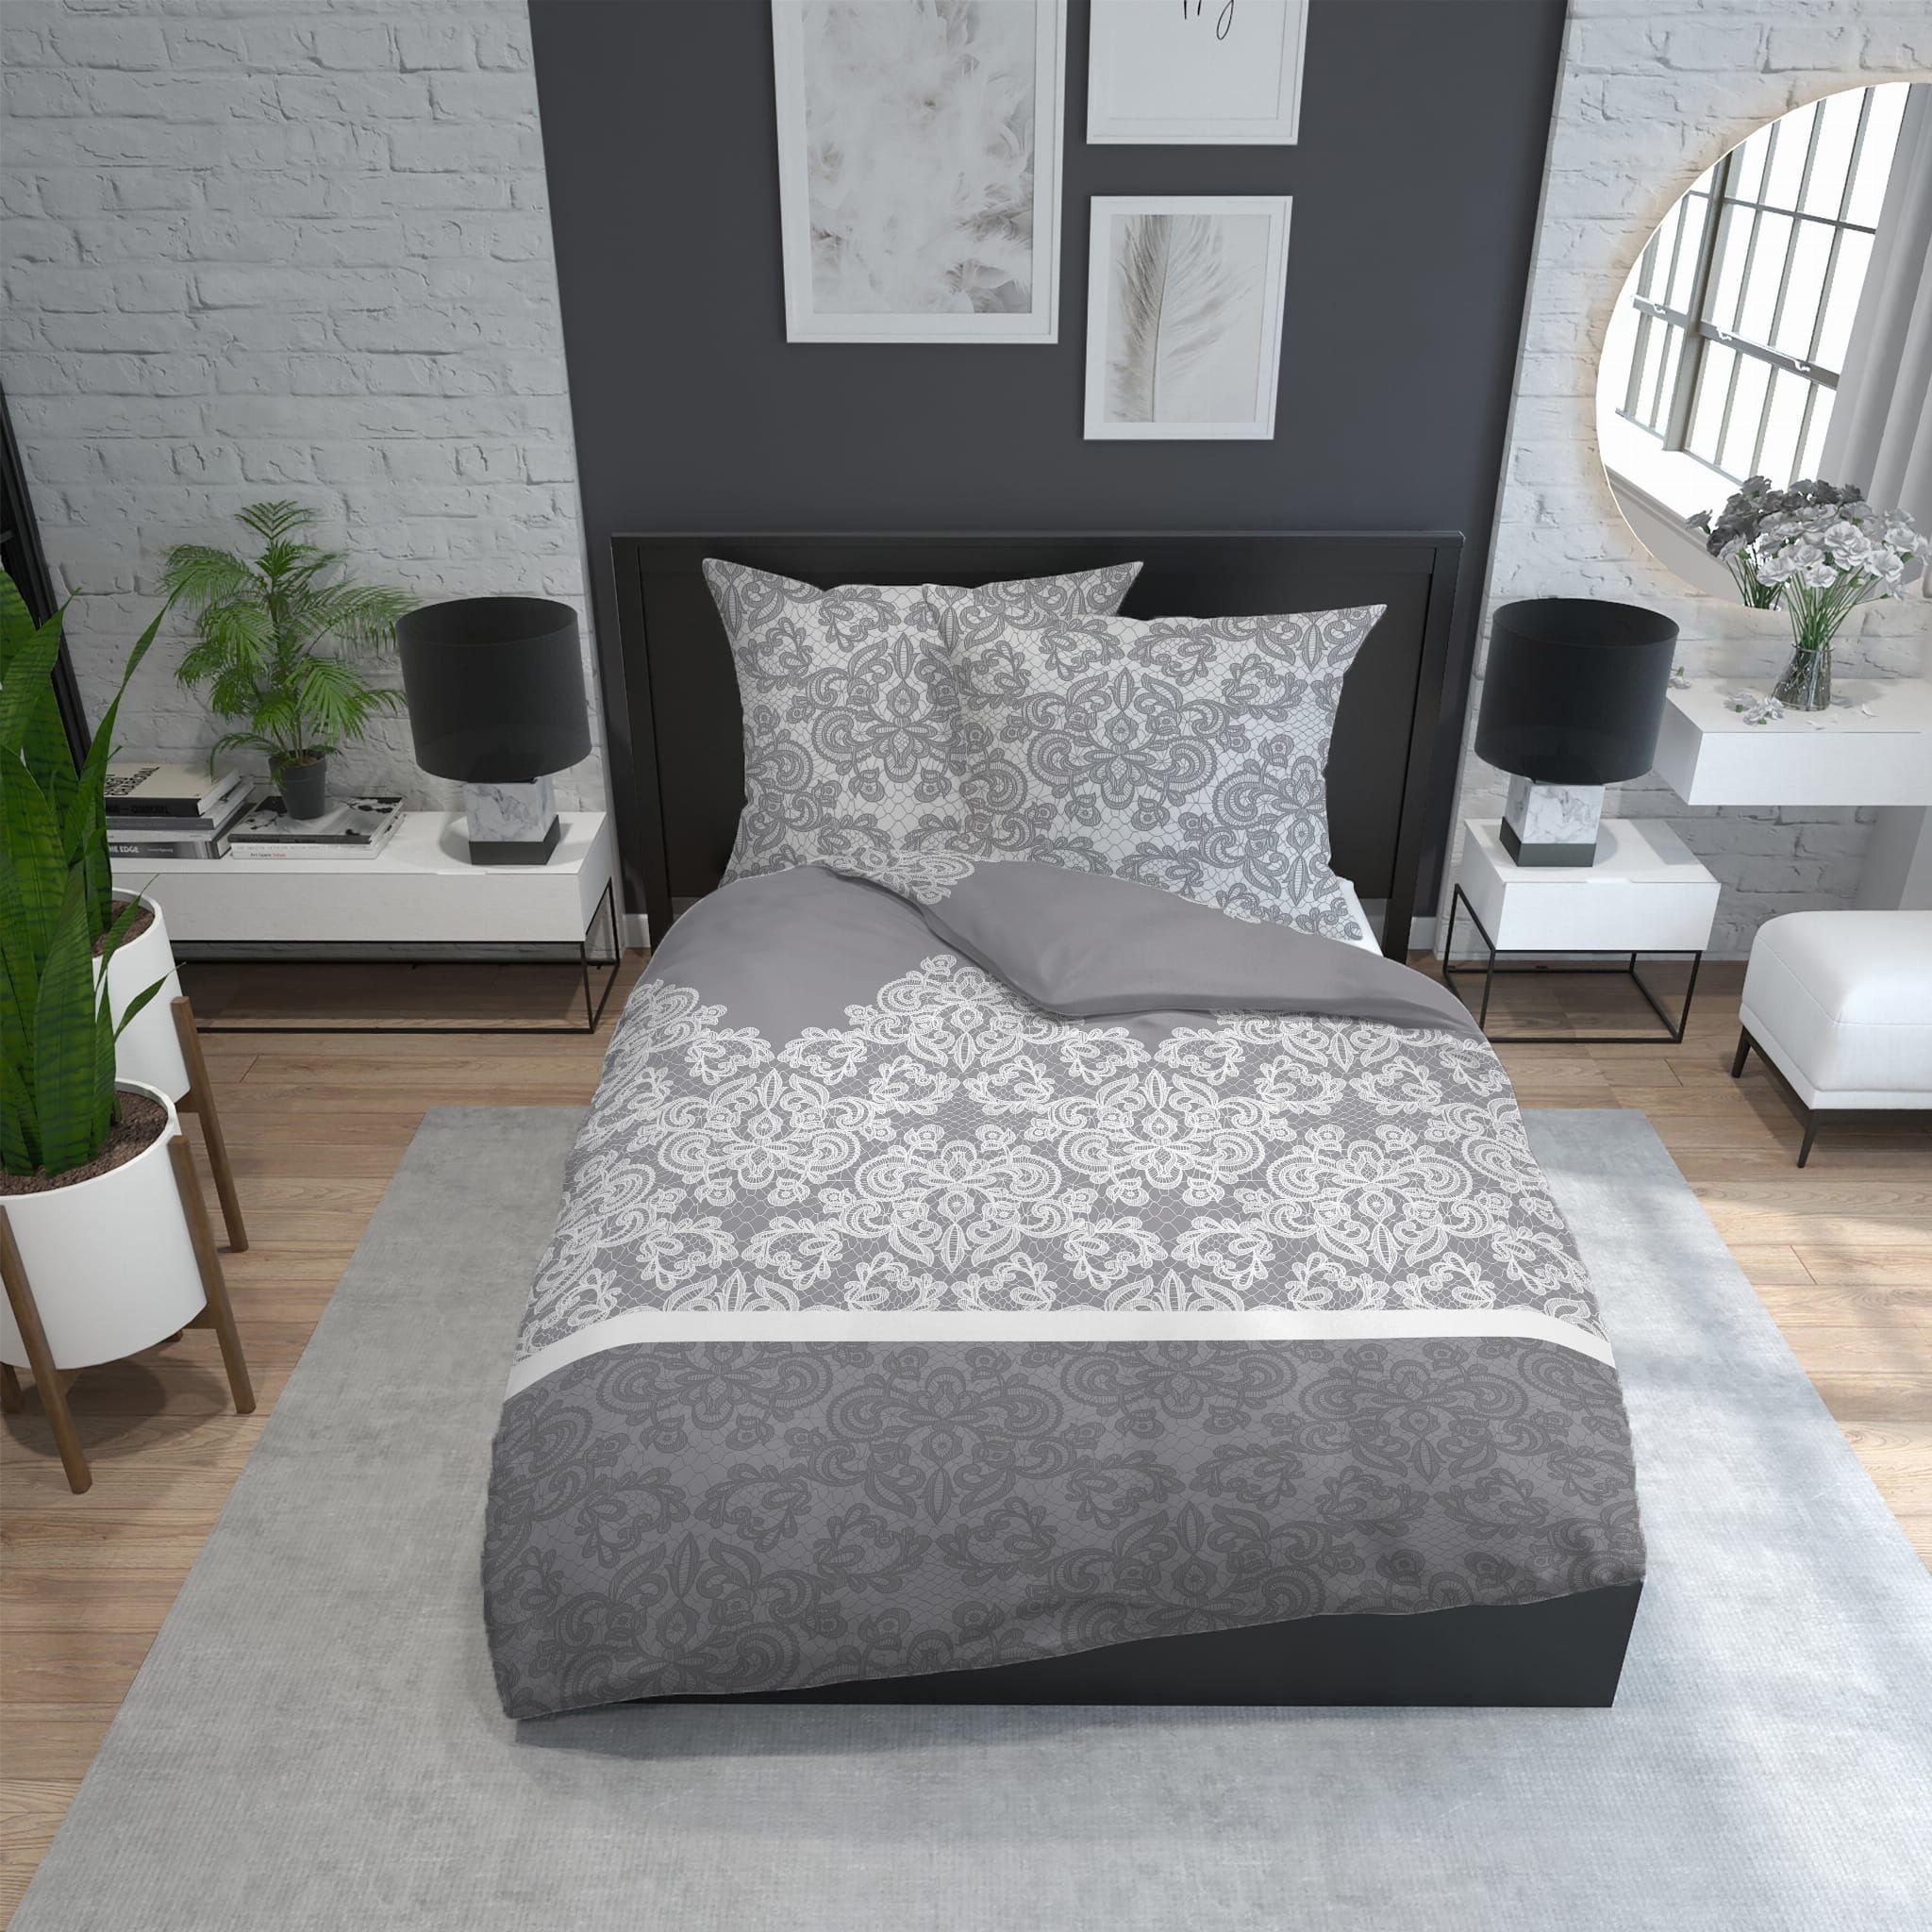 Pościel 220x200 bawełniana Komplet 100% bawełna do sypialni